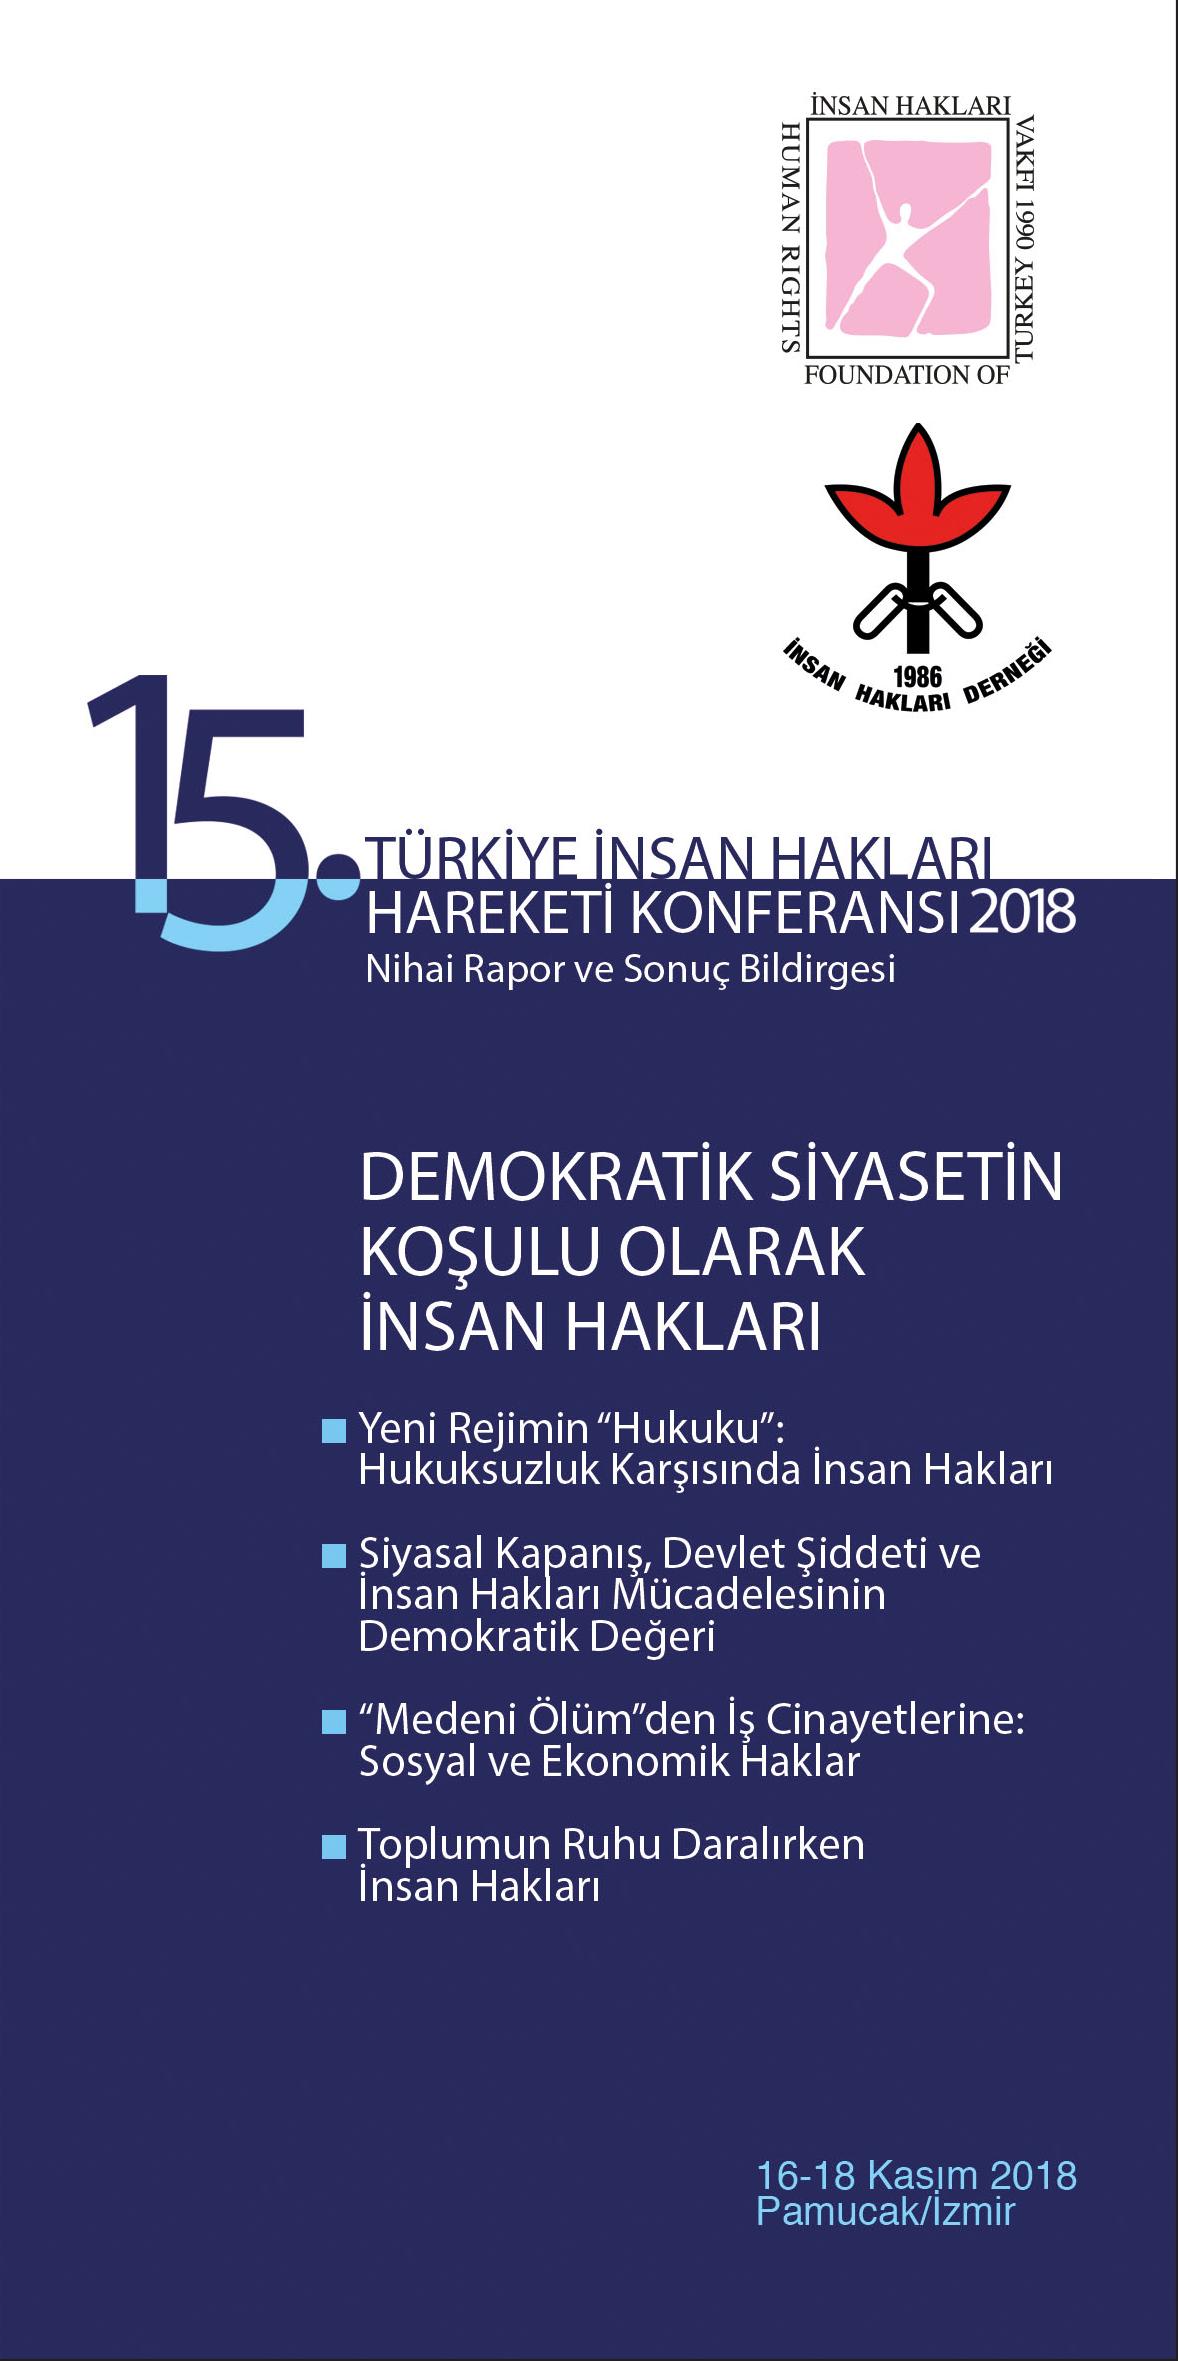 Türkiye İnsan Hakları Hareketi 2018 yılı Nihai Rapor ve Sonuç Bildirgesi